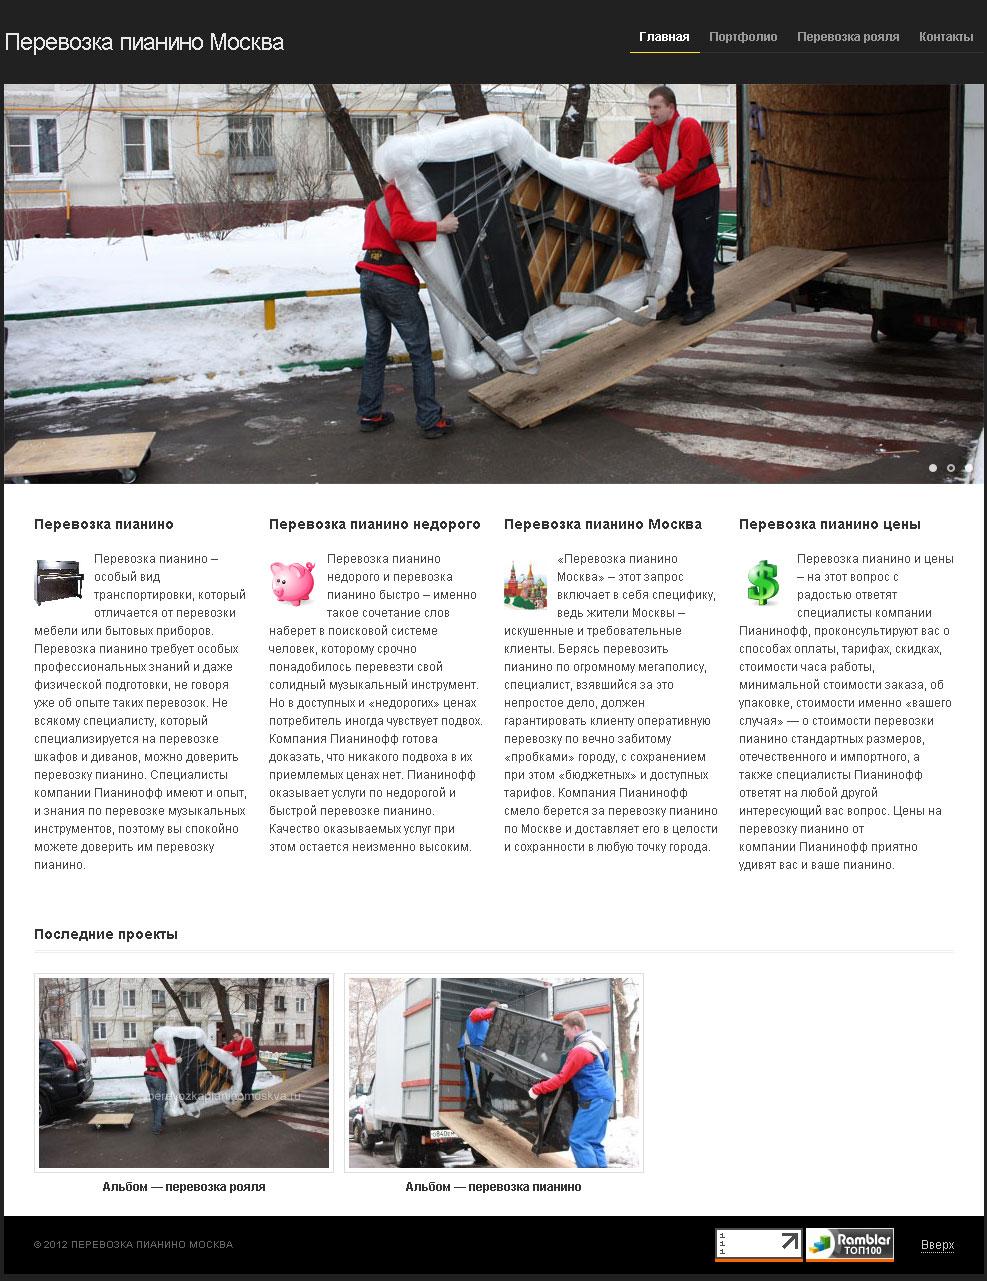 Создание сайта компании по перевозке пианино